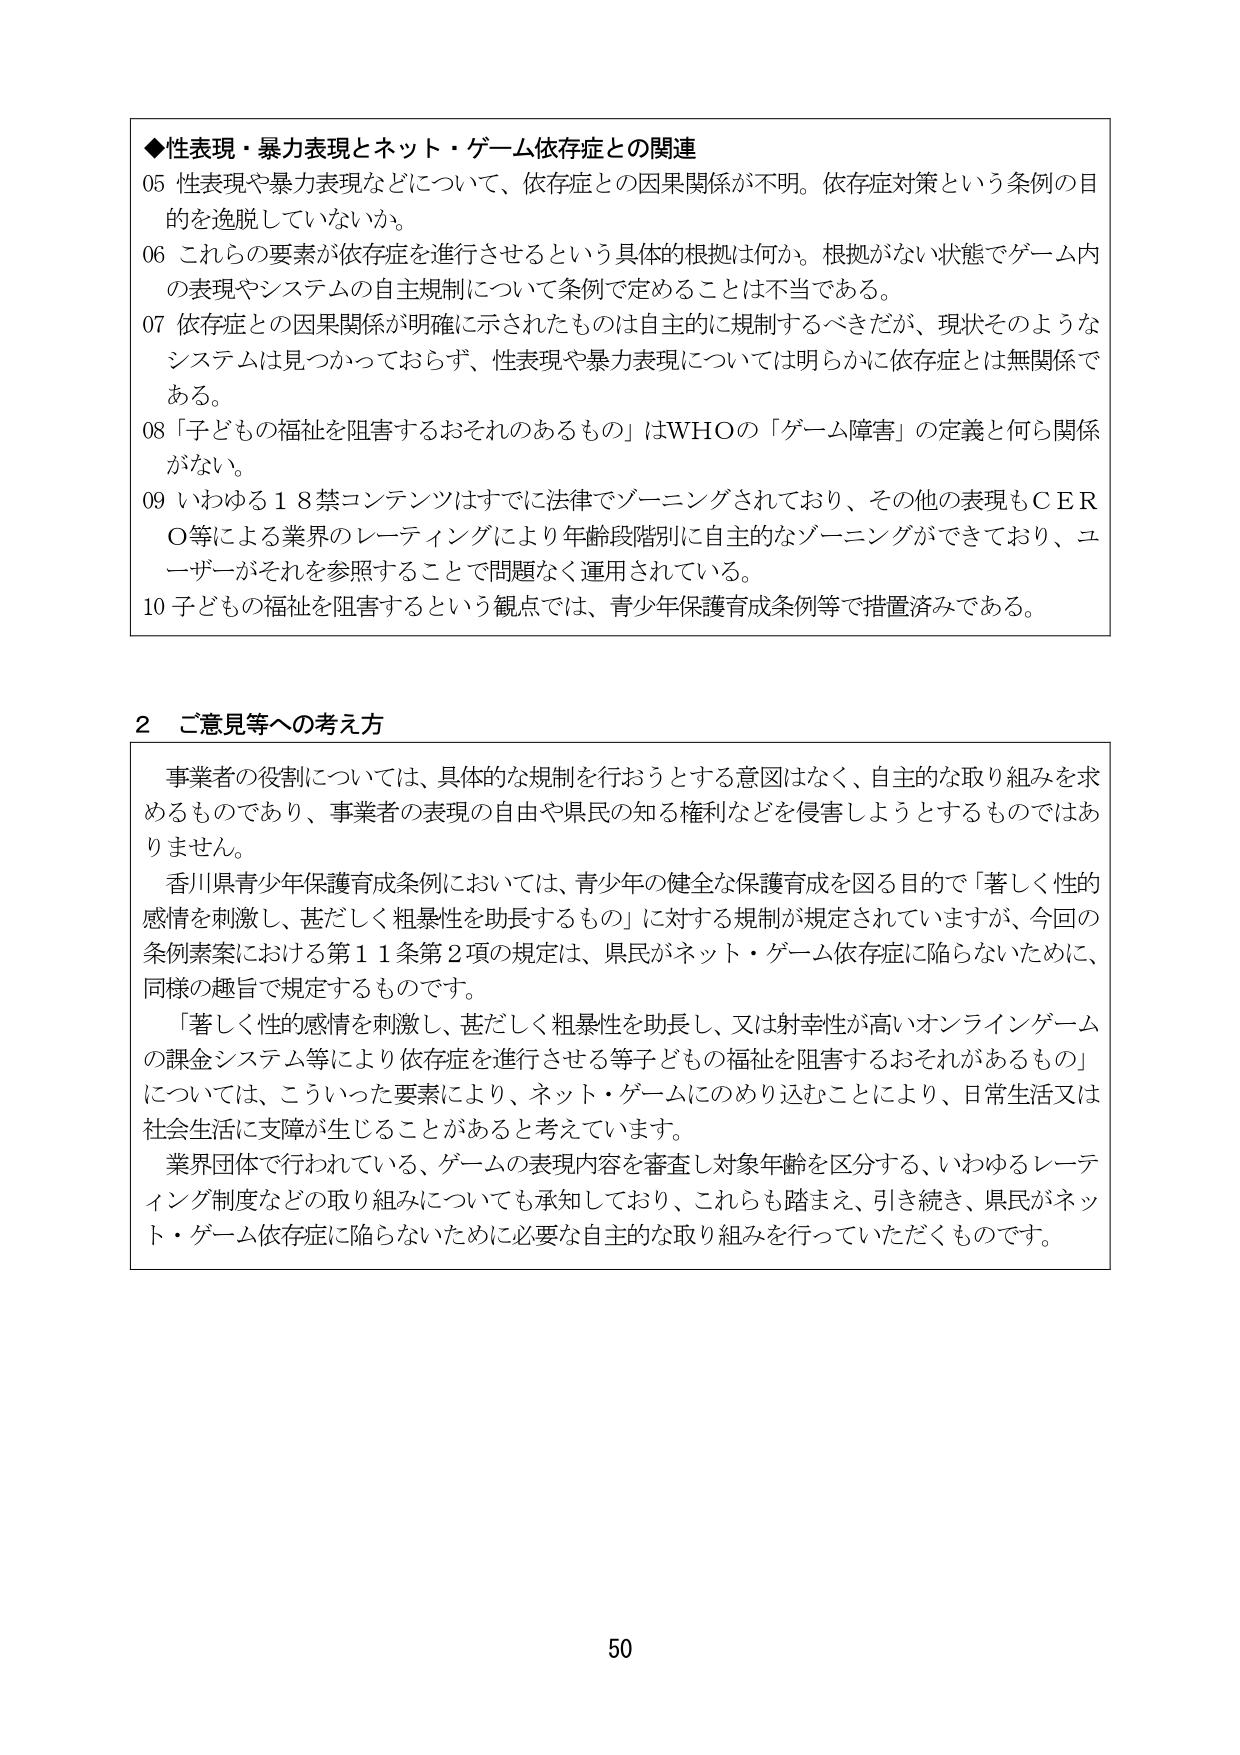 8 5 - 香川県議会、ゲーム1日60分まで条例が可決成立